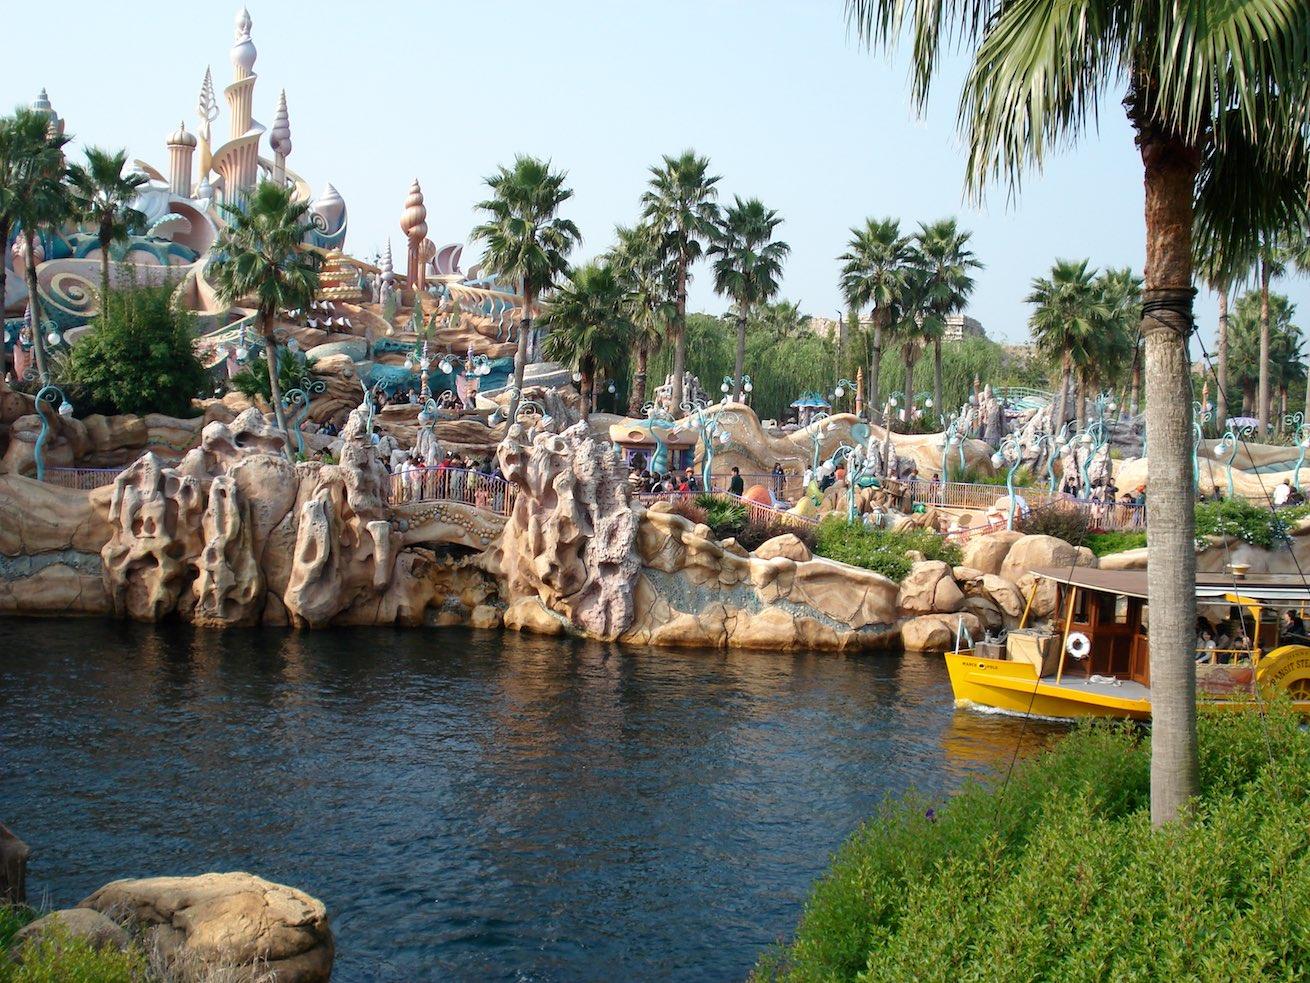 Tokyo Disneysea Next Stop Japan